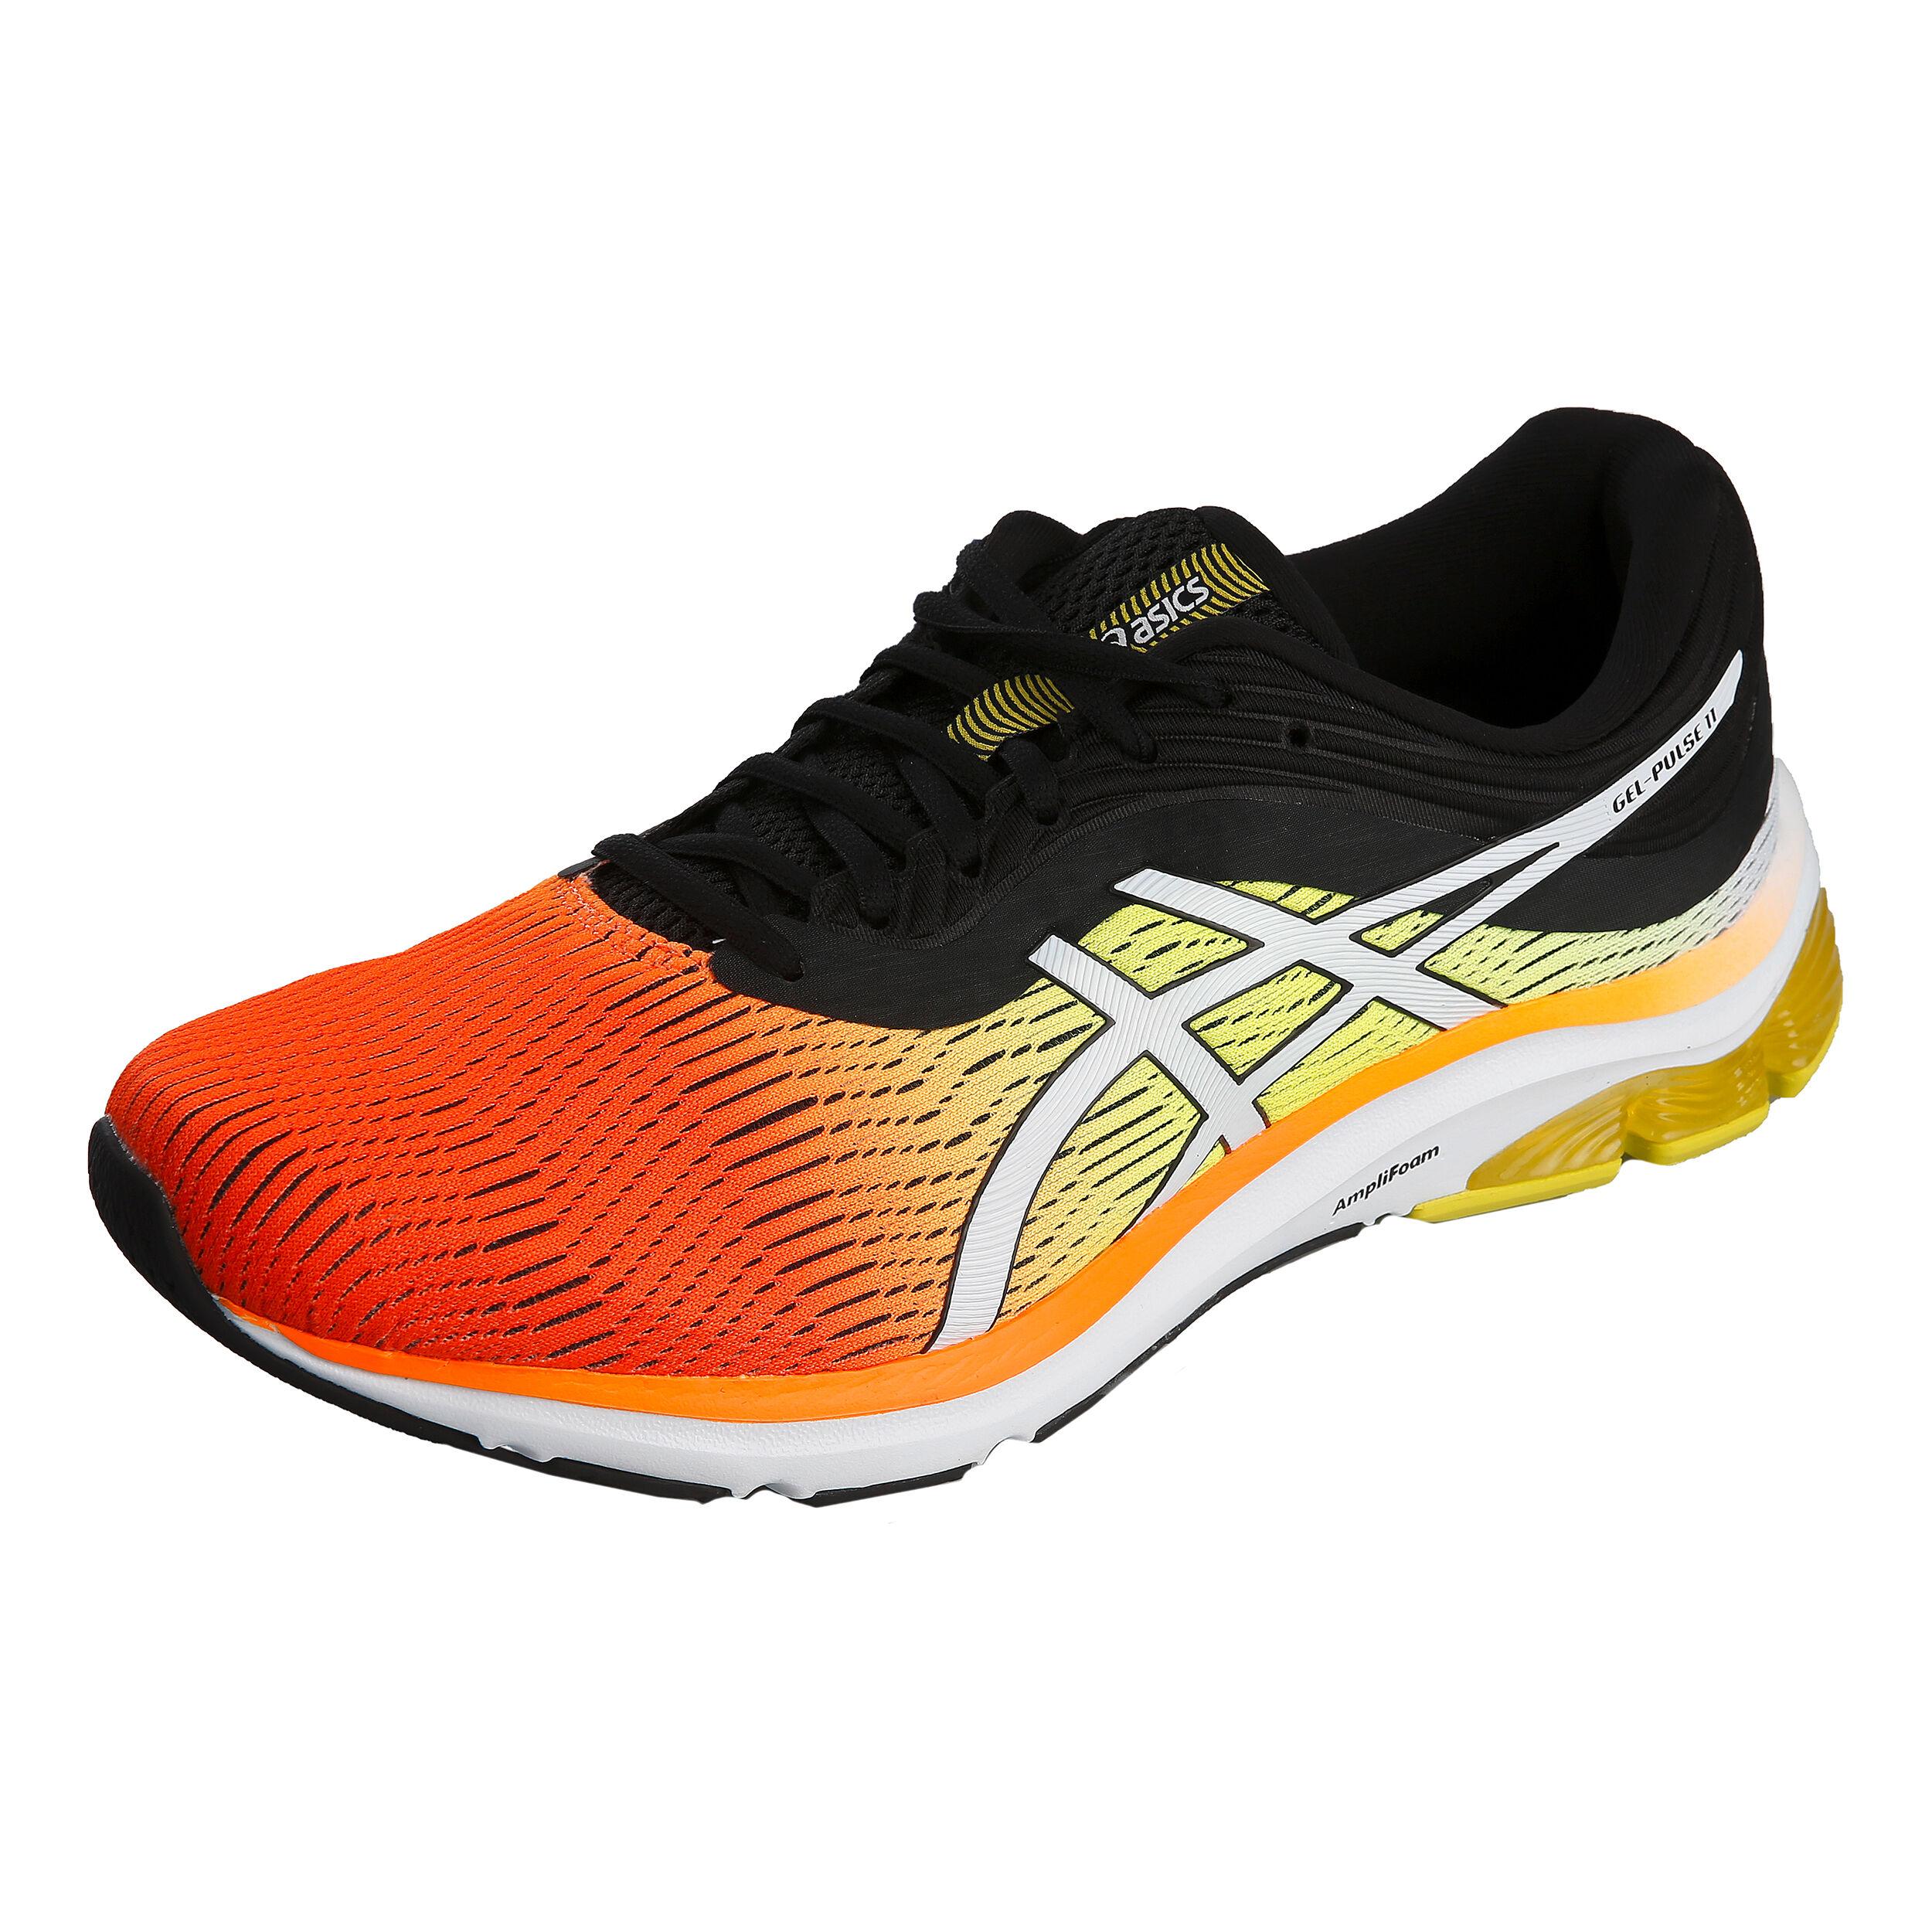 Ich empfehle dieses Angebot: Palette mit Schuhen Adidas, Reebok und Puma Sportschuhe [259134] | Sportschuhe |